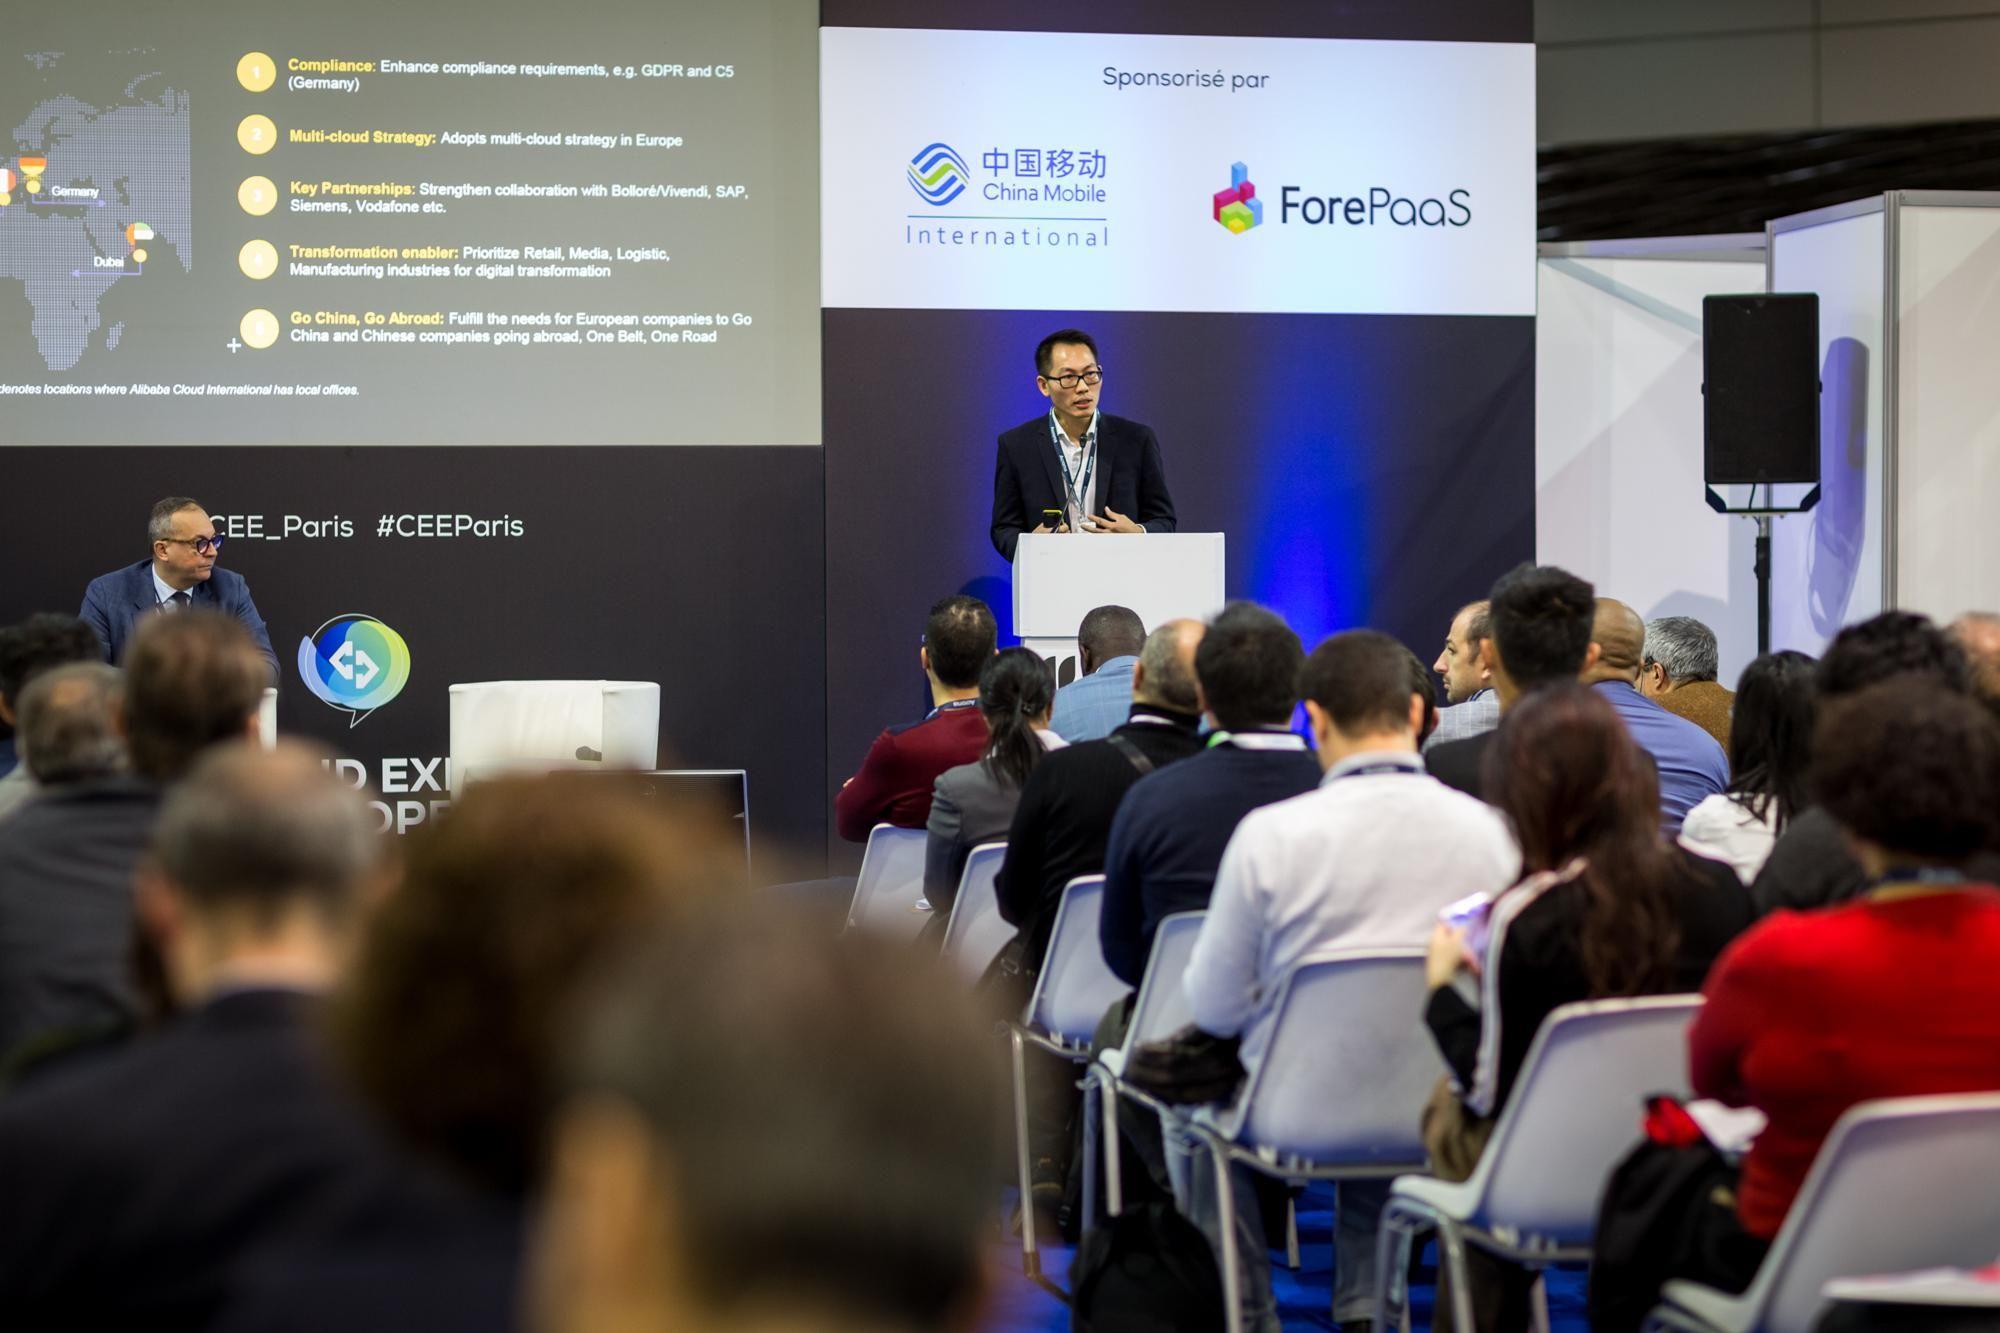 Stratégies & Innovations Cloud